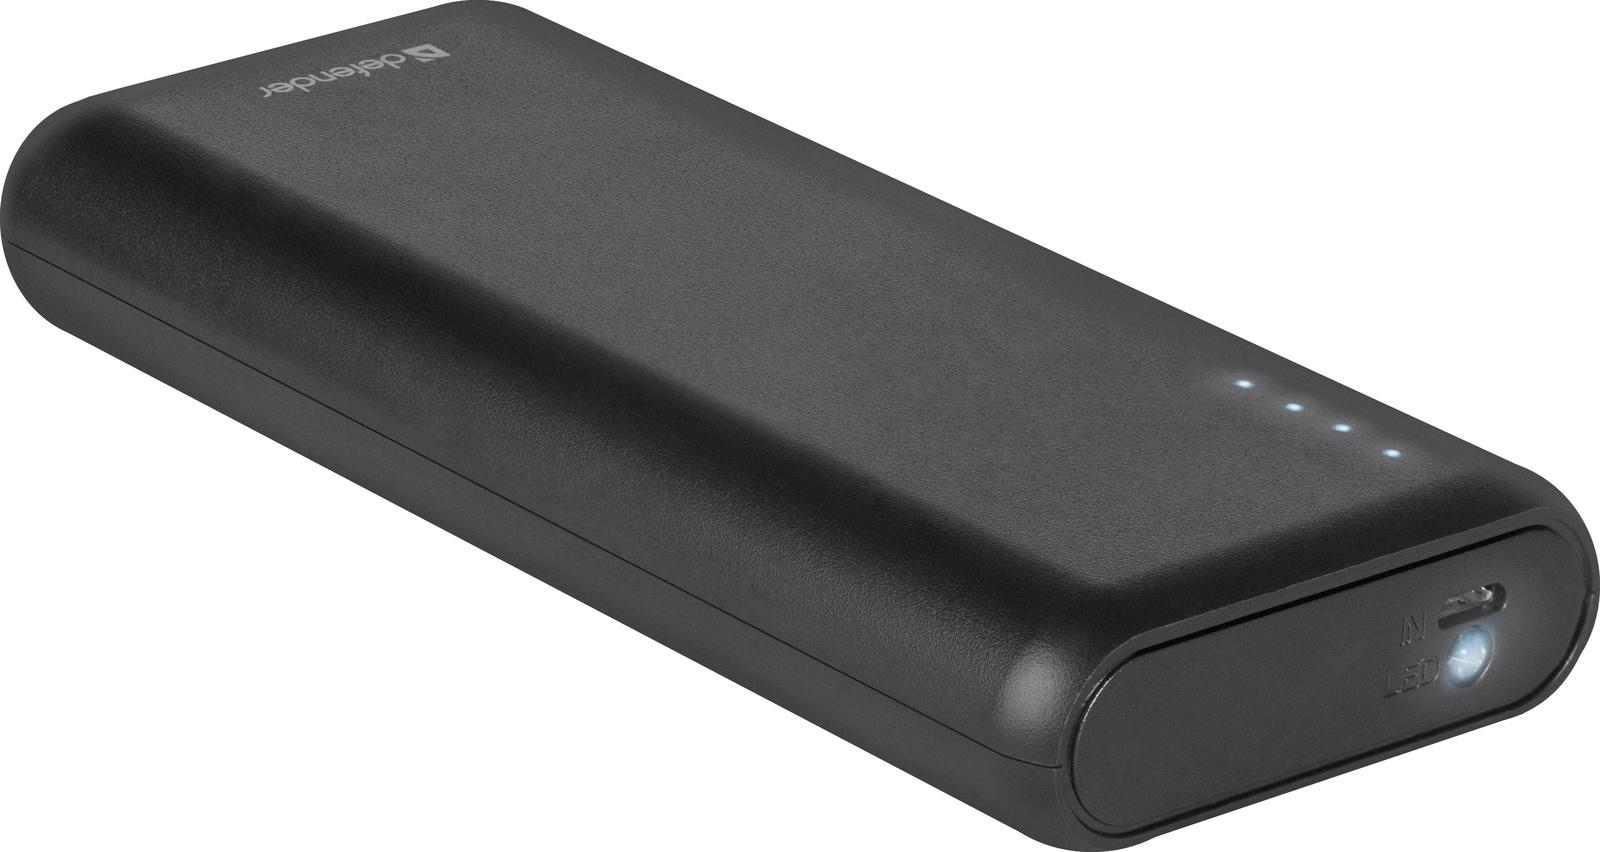 Внешний аккумулятор Defender Lavita, 83617, 10000 mAh, черный цена и фото